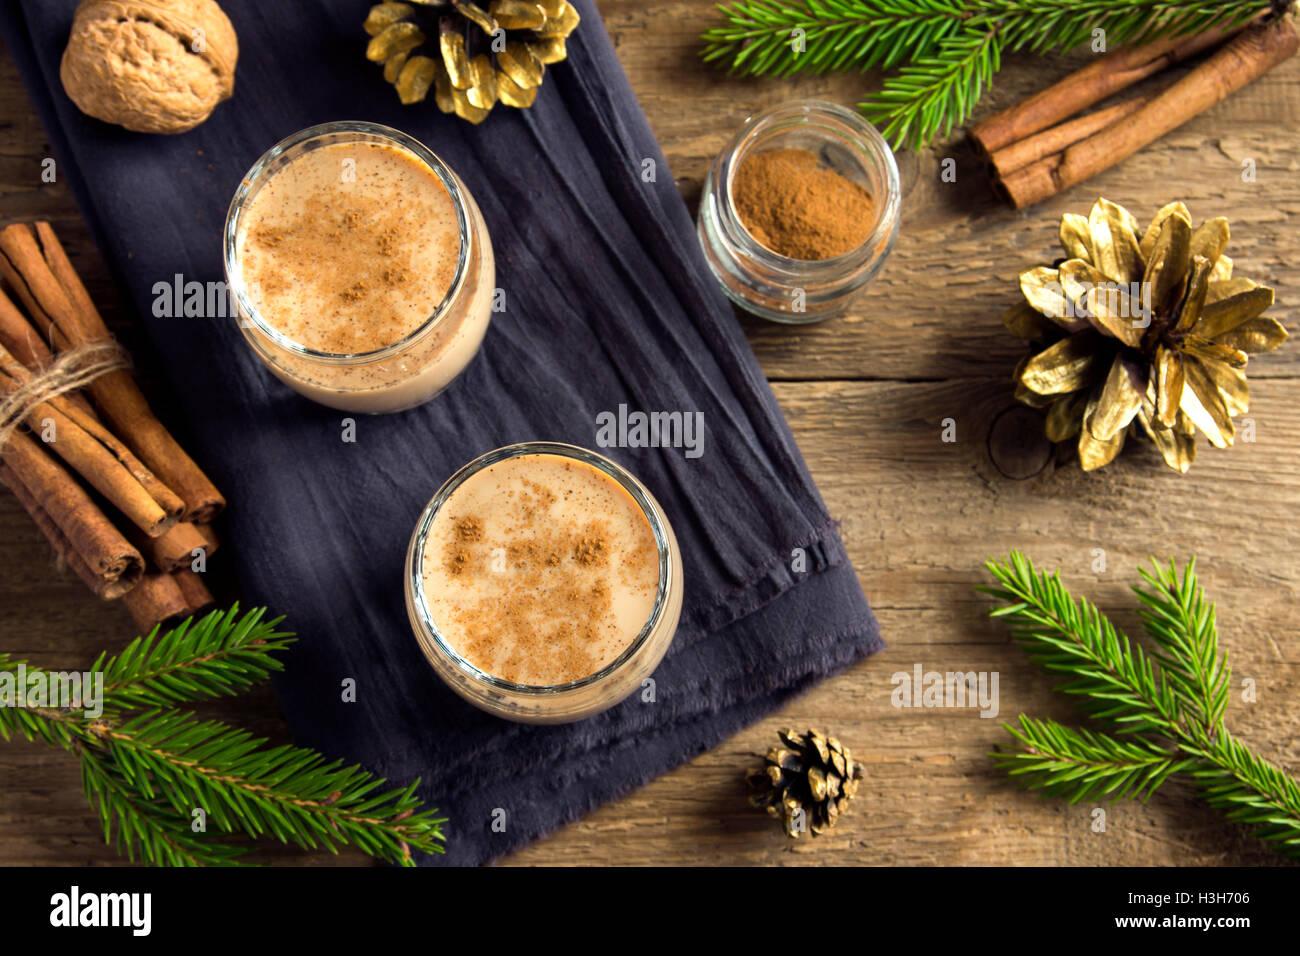 Rompope con canela en vidrios sobre fondo de madera de estilo rústico con decoración de Navidad - bebida Imagen De Stock